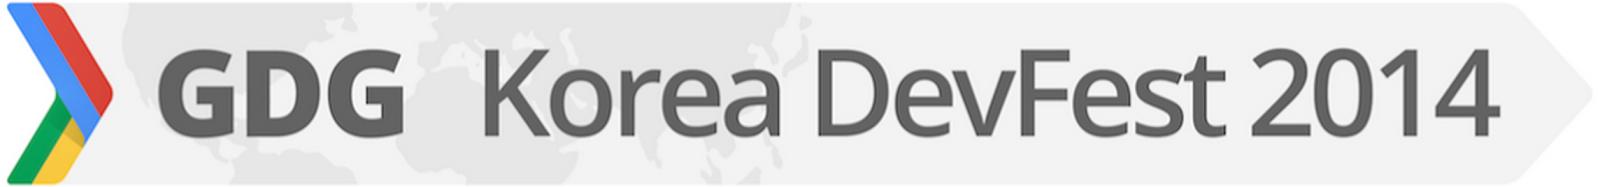 GDG Korea DevFest 2014: GDG Korea DevFest 2014 Logo